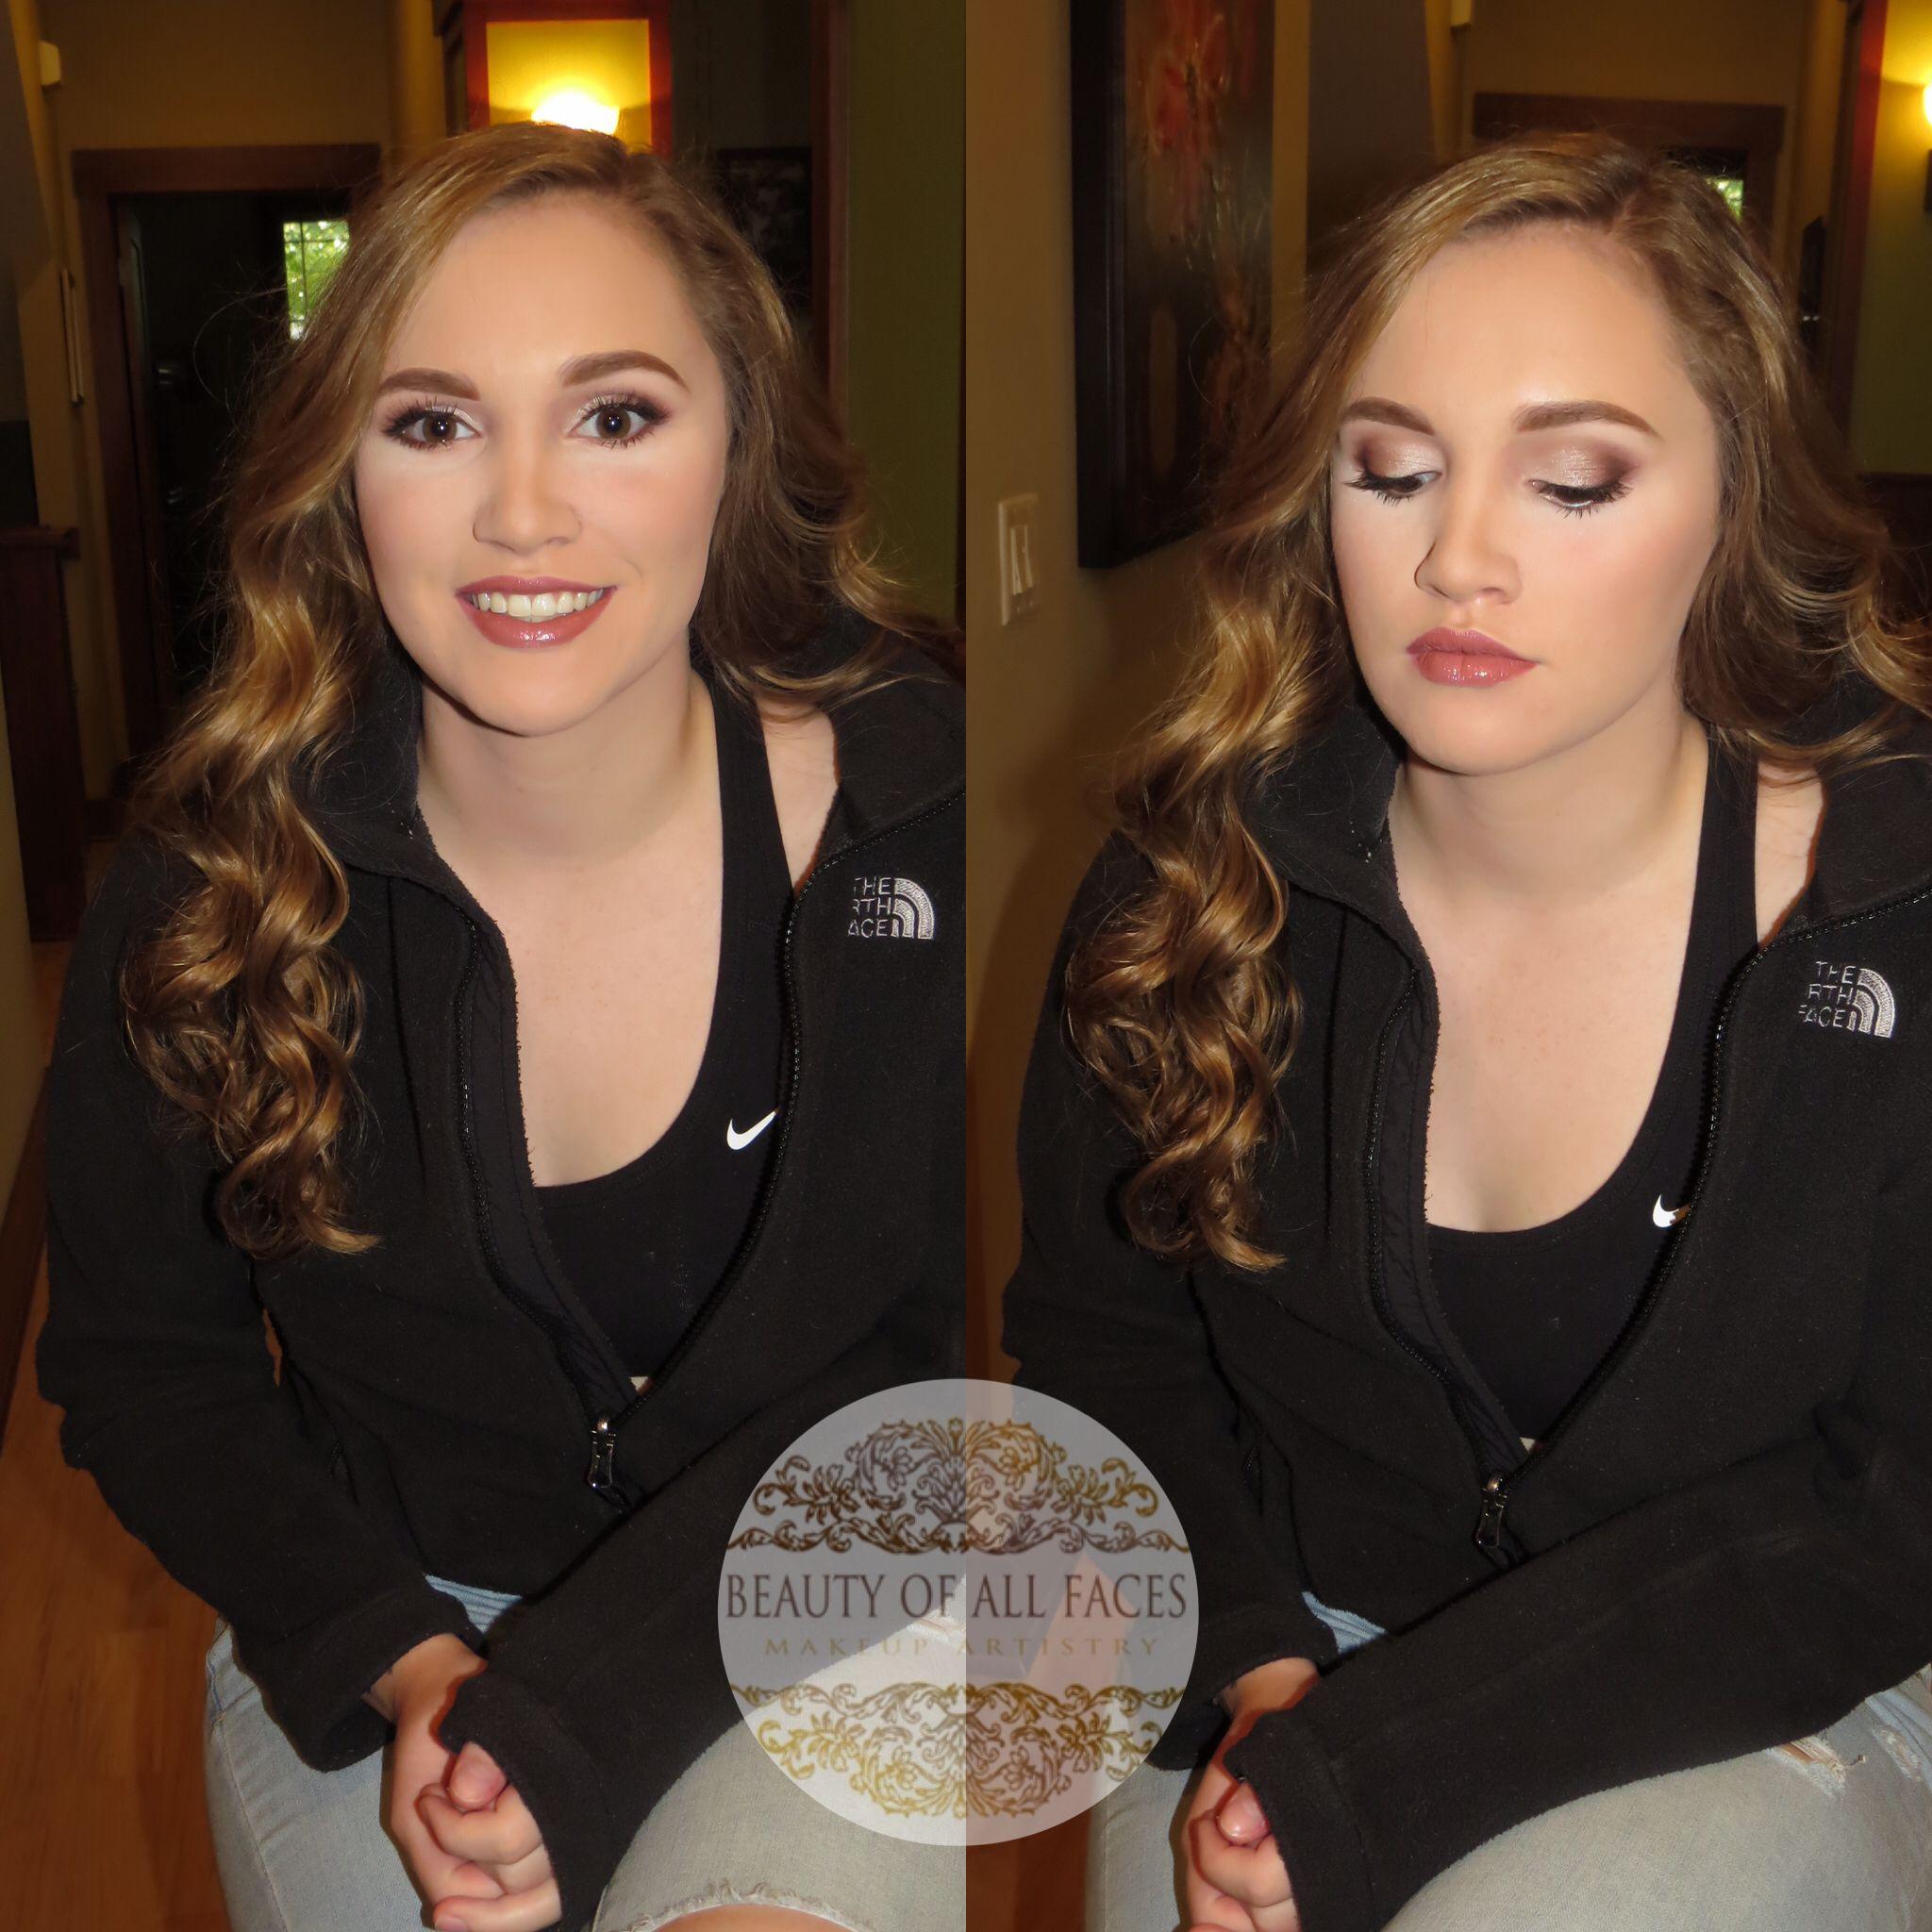 Makeup for seniors photos makeupseniorsmakeupteenmakeup